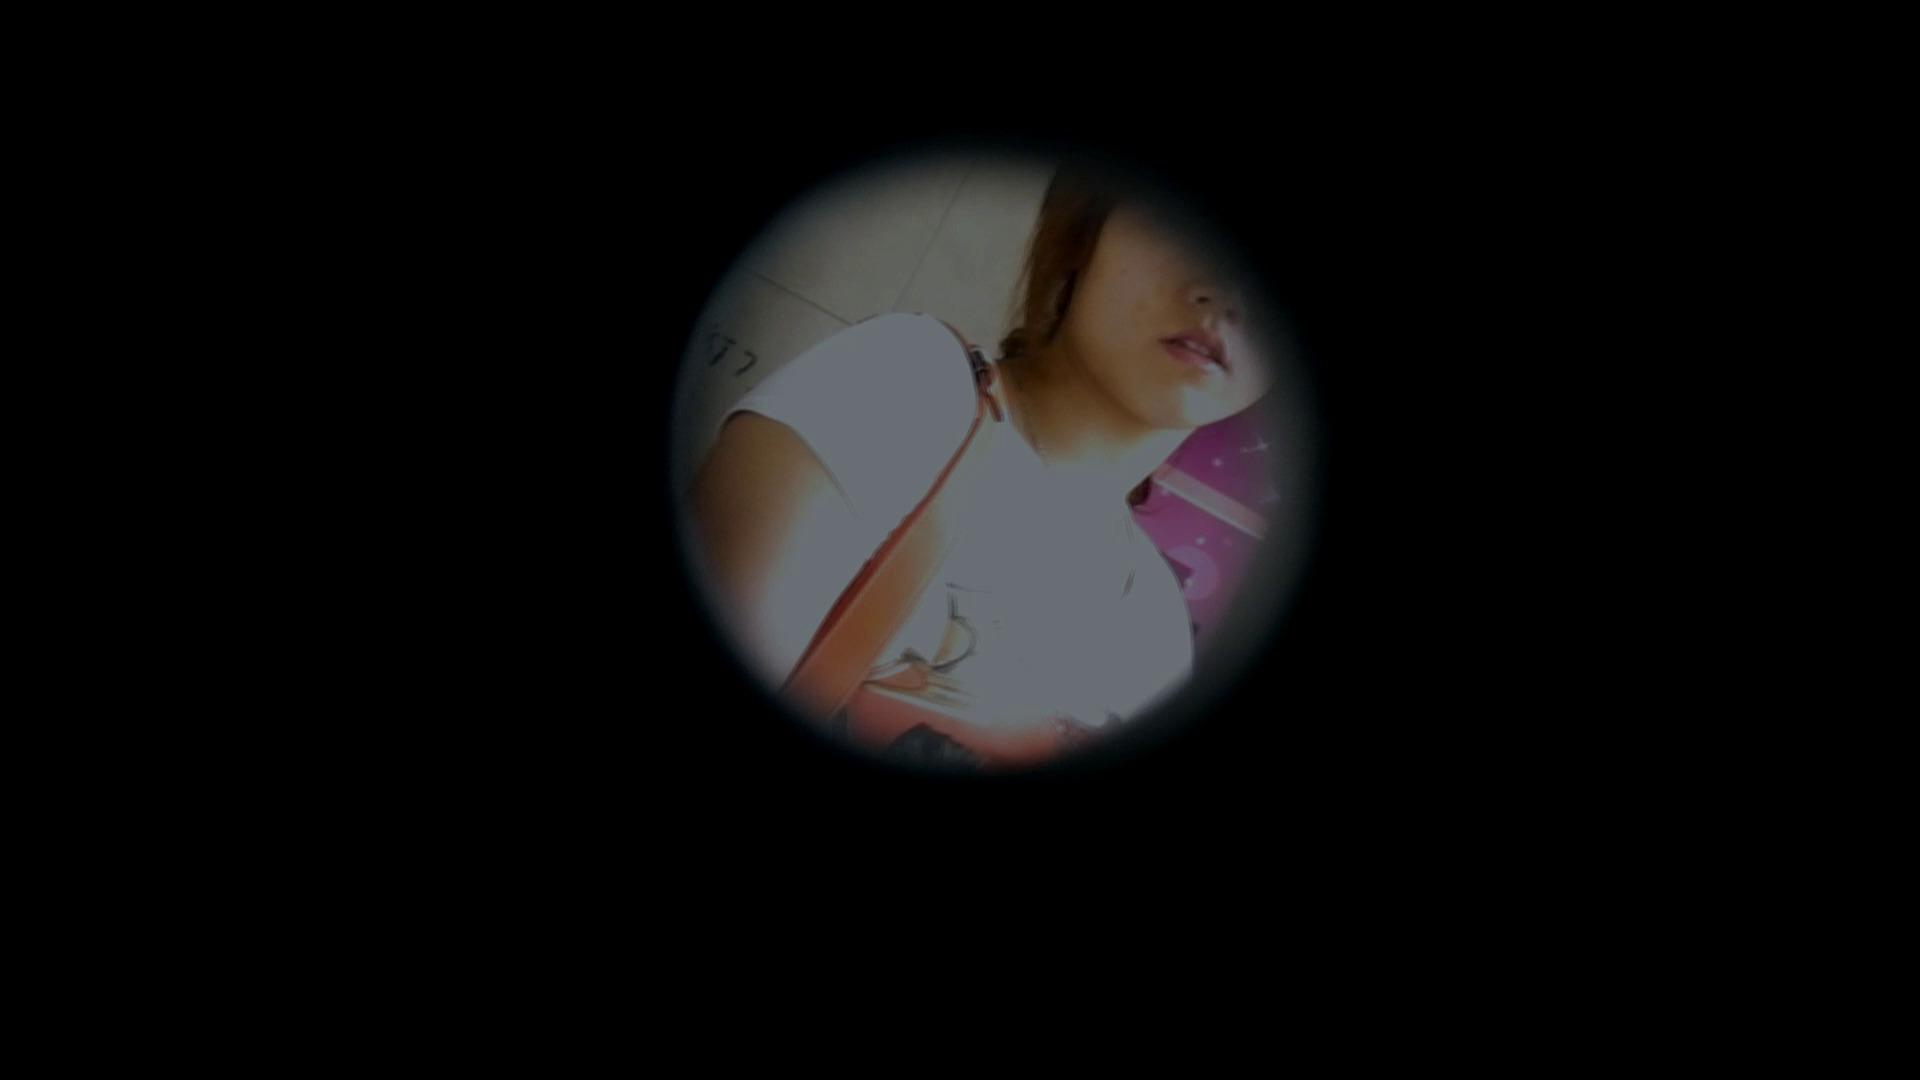 ステーション編 vol.36 無料動画に登場したトップクラスモデル本番へ エッチなお姉さん 戯れ無修正画像 44画像 9